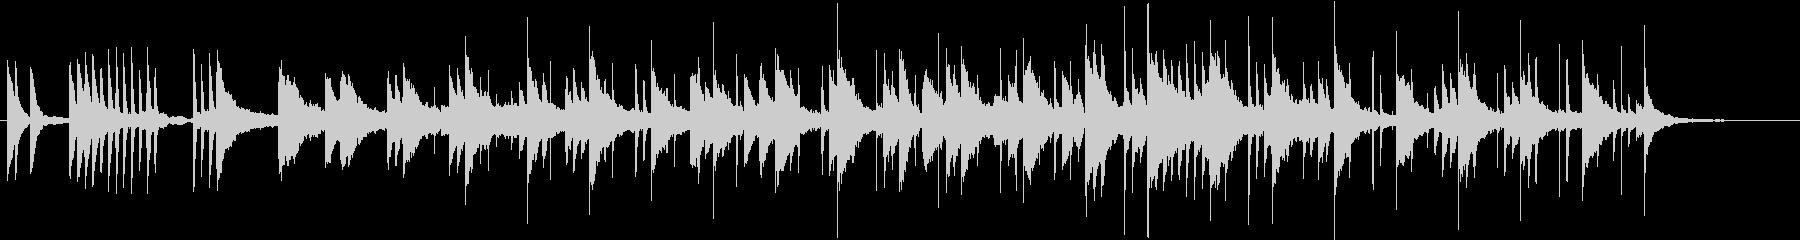 チル、和音階、シンセとピアノのバラードの未再生の波形